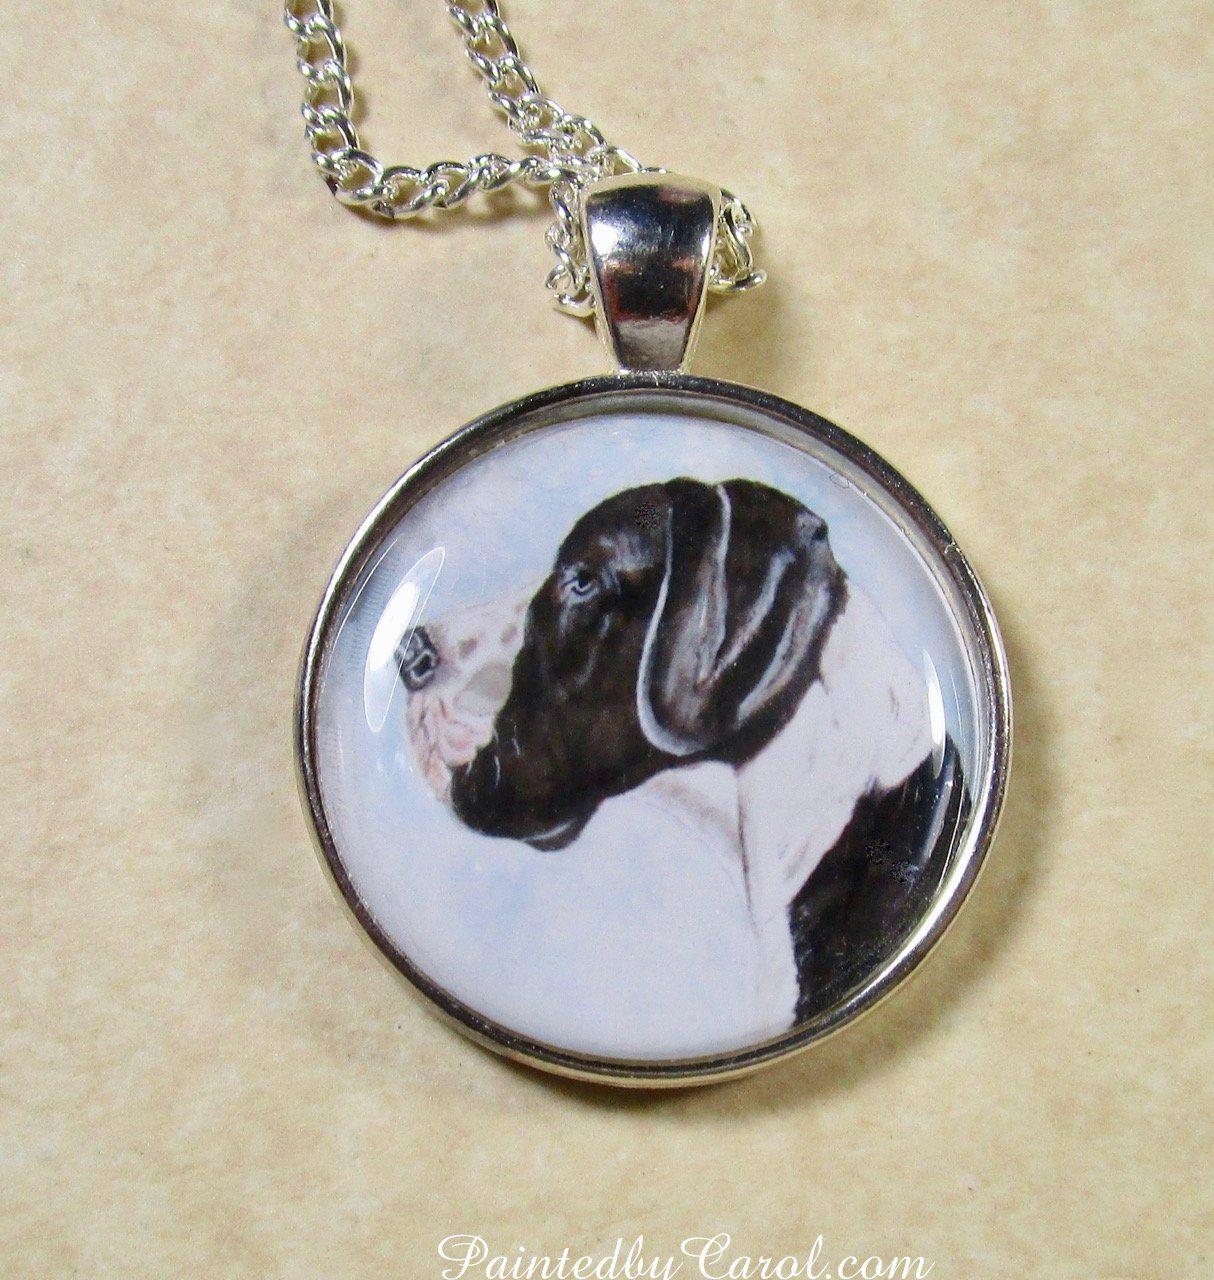 Vintage Buck Fever Black Cabochon Glass Necklace chain Pendant